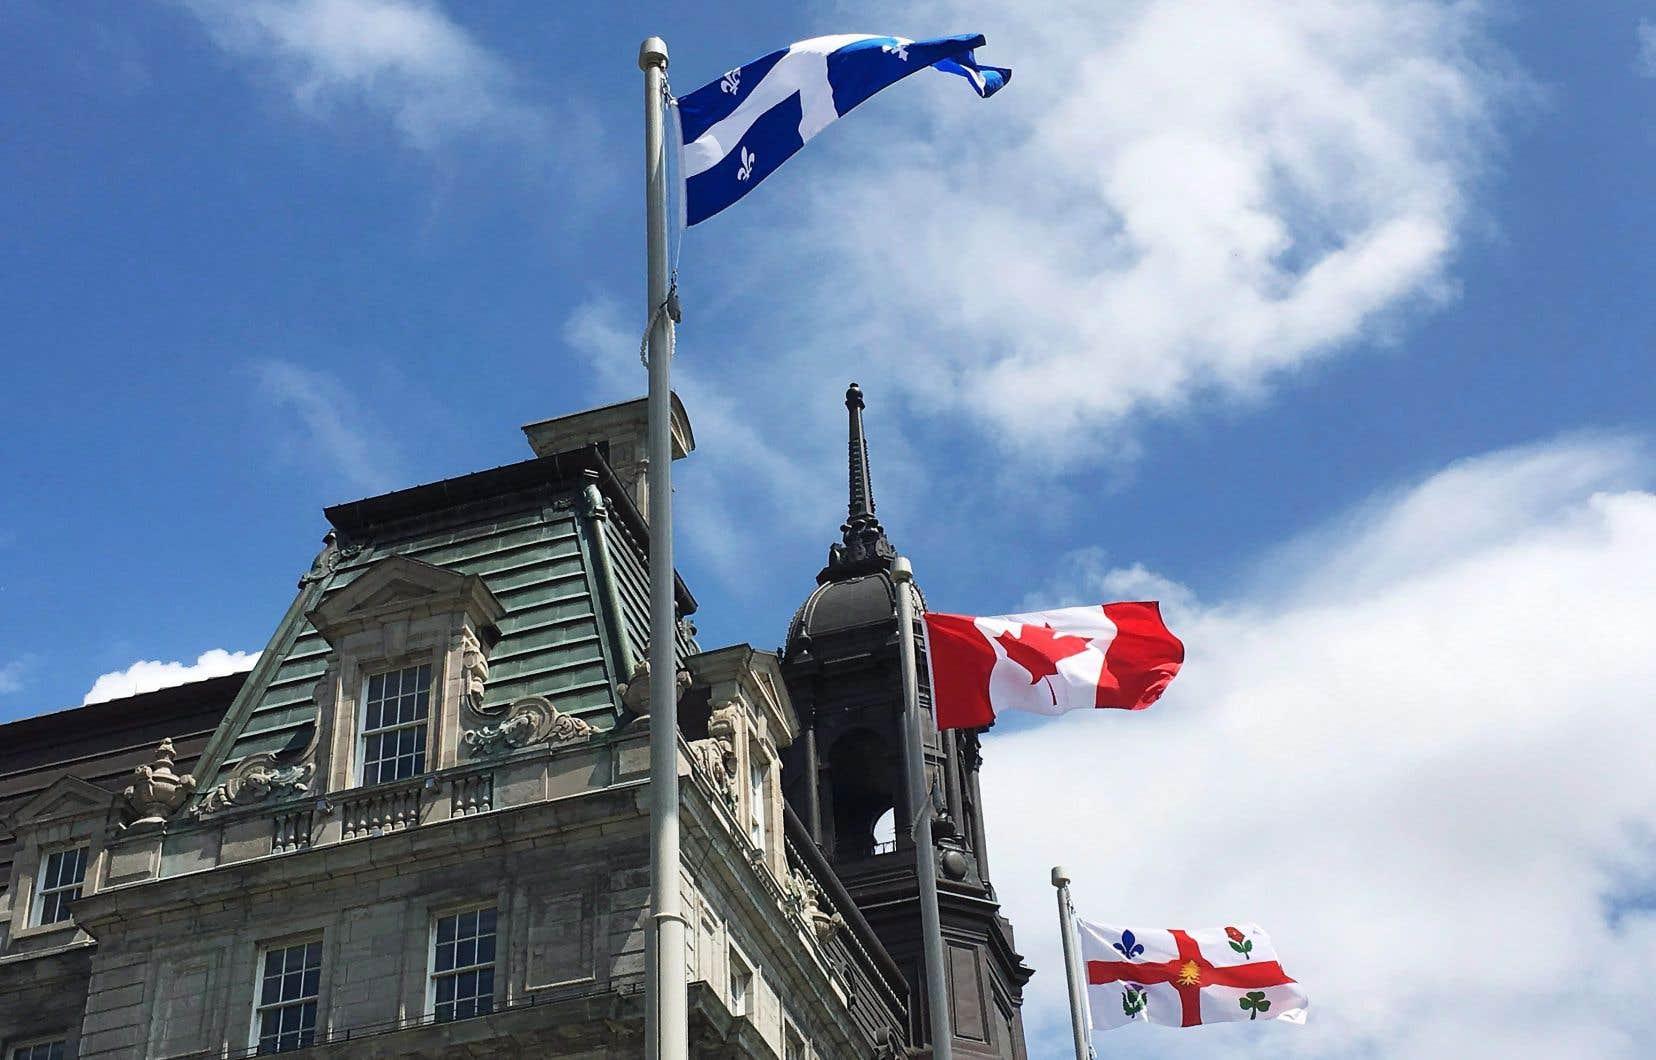 Le conseil municipal de la Ville de Montréal a adopté à l'unanimité la motion présentée mardi après-midi.